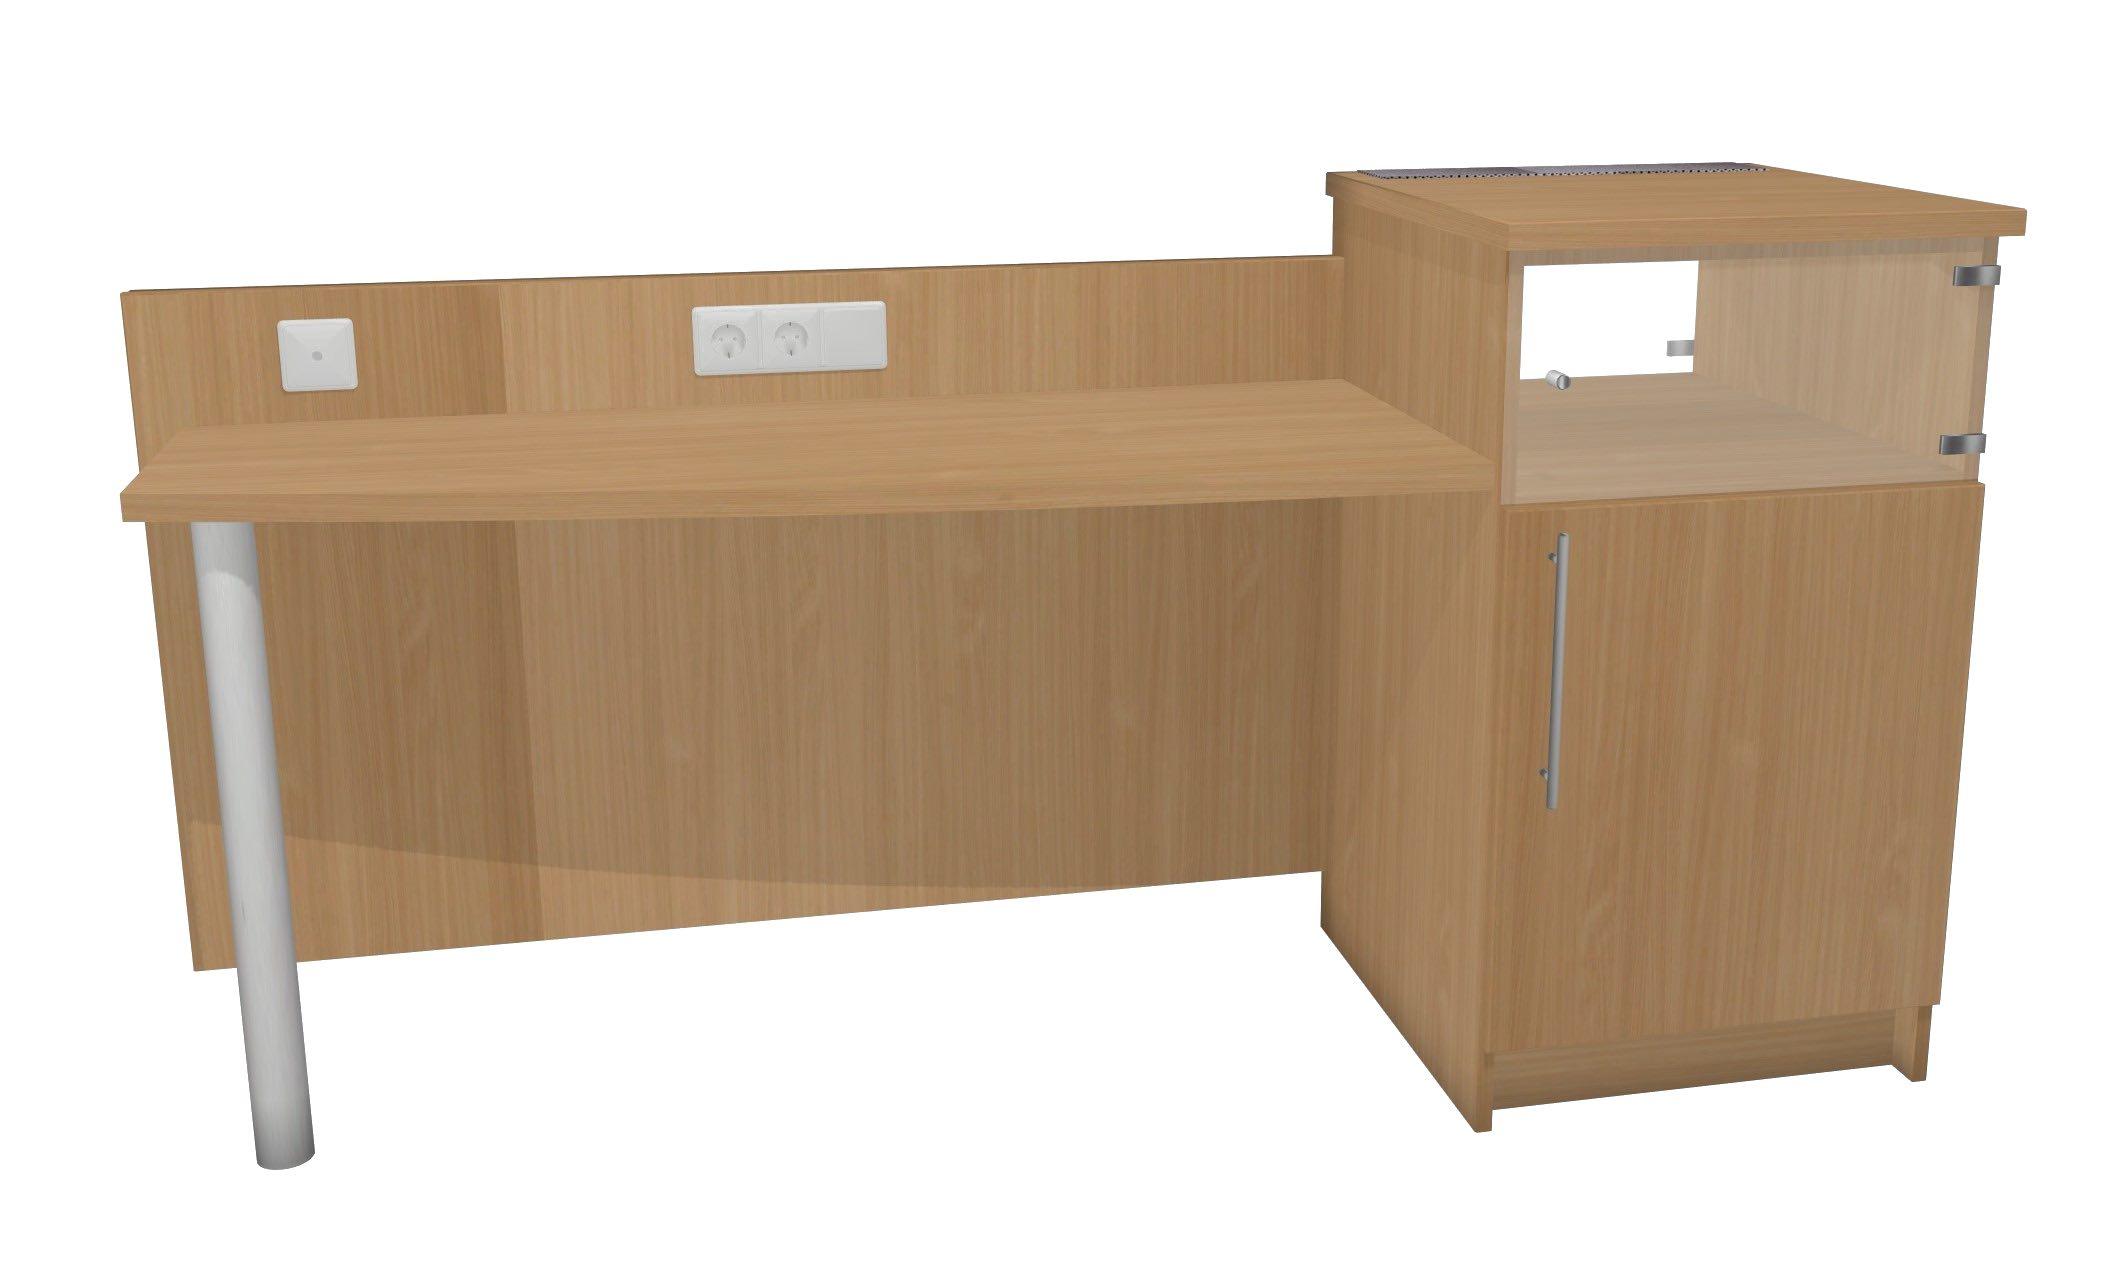 Schreibtisch mit minibarturm modell paris dekor buche for Schreibtisch buche dekor